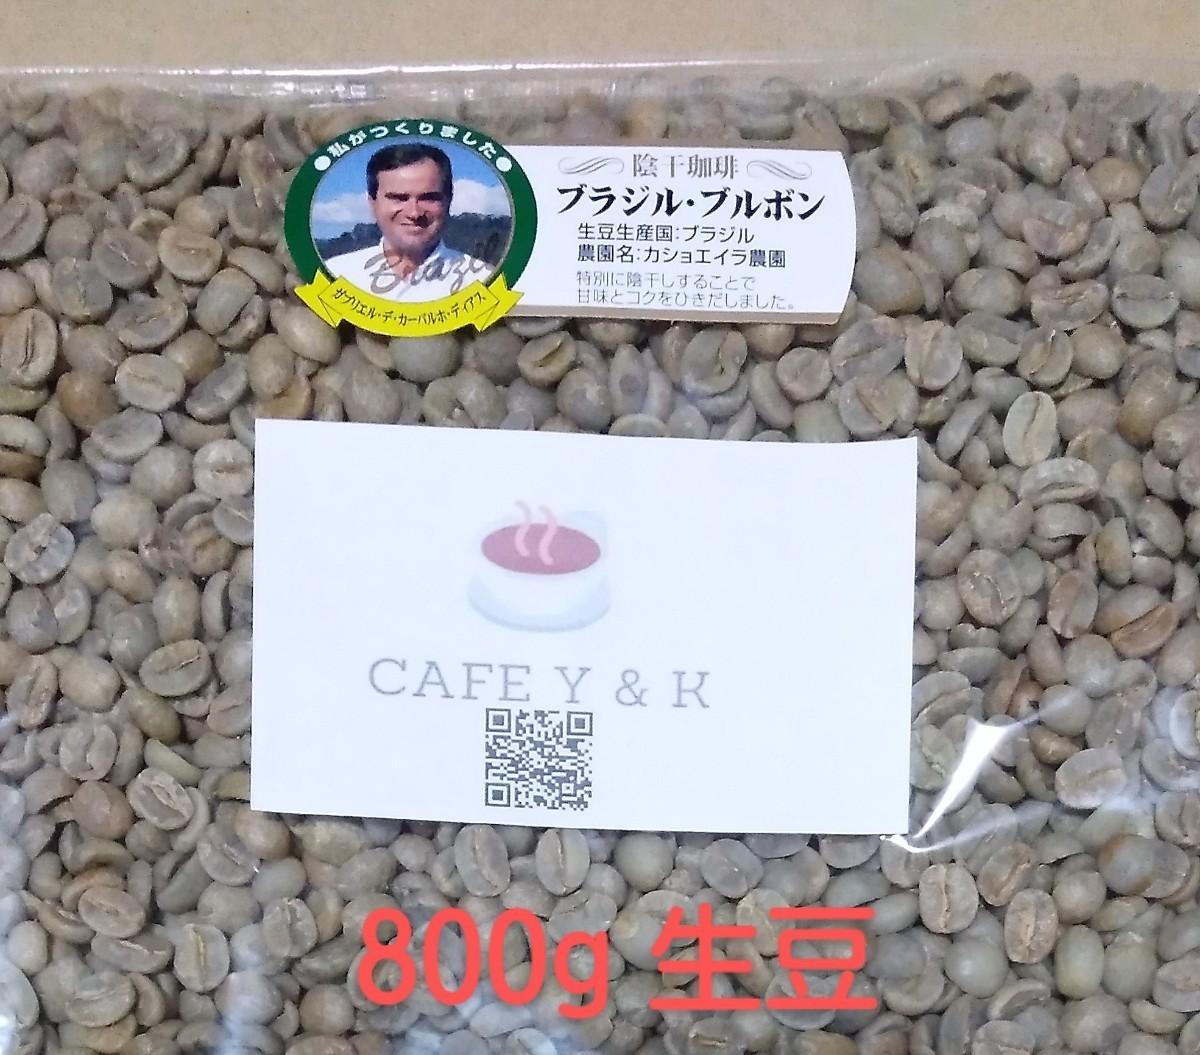 コーヒー豆 ブラジル ブルボン カショエイラ農園 Qグレード 800g 焙煎用生豆